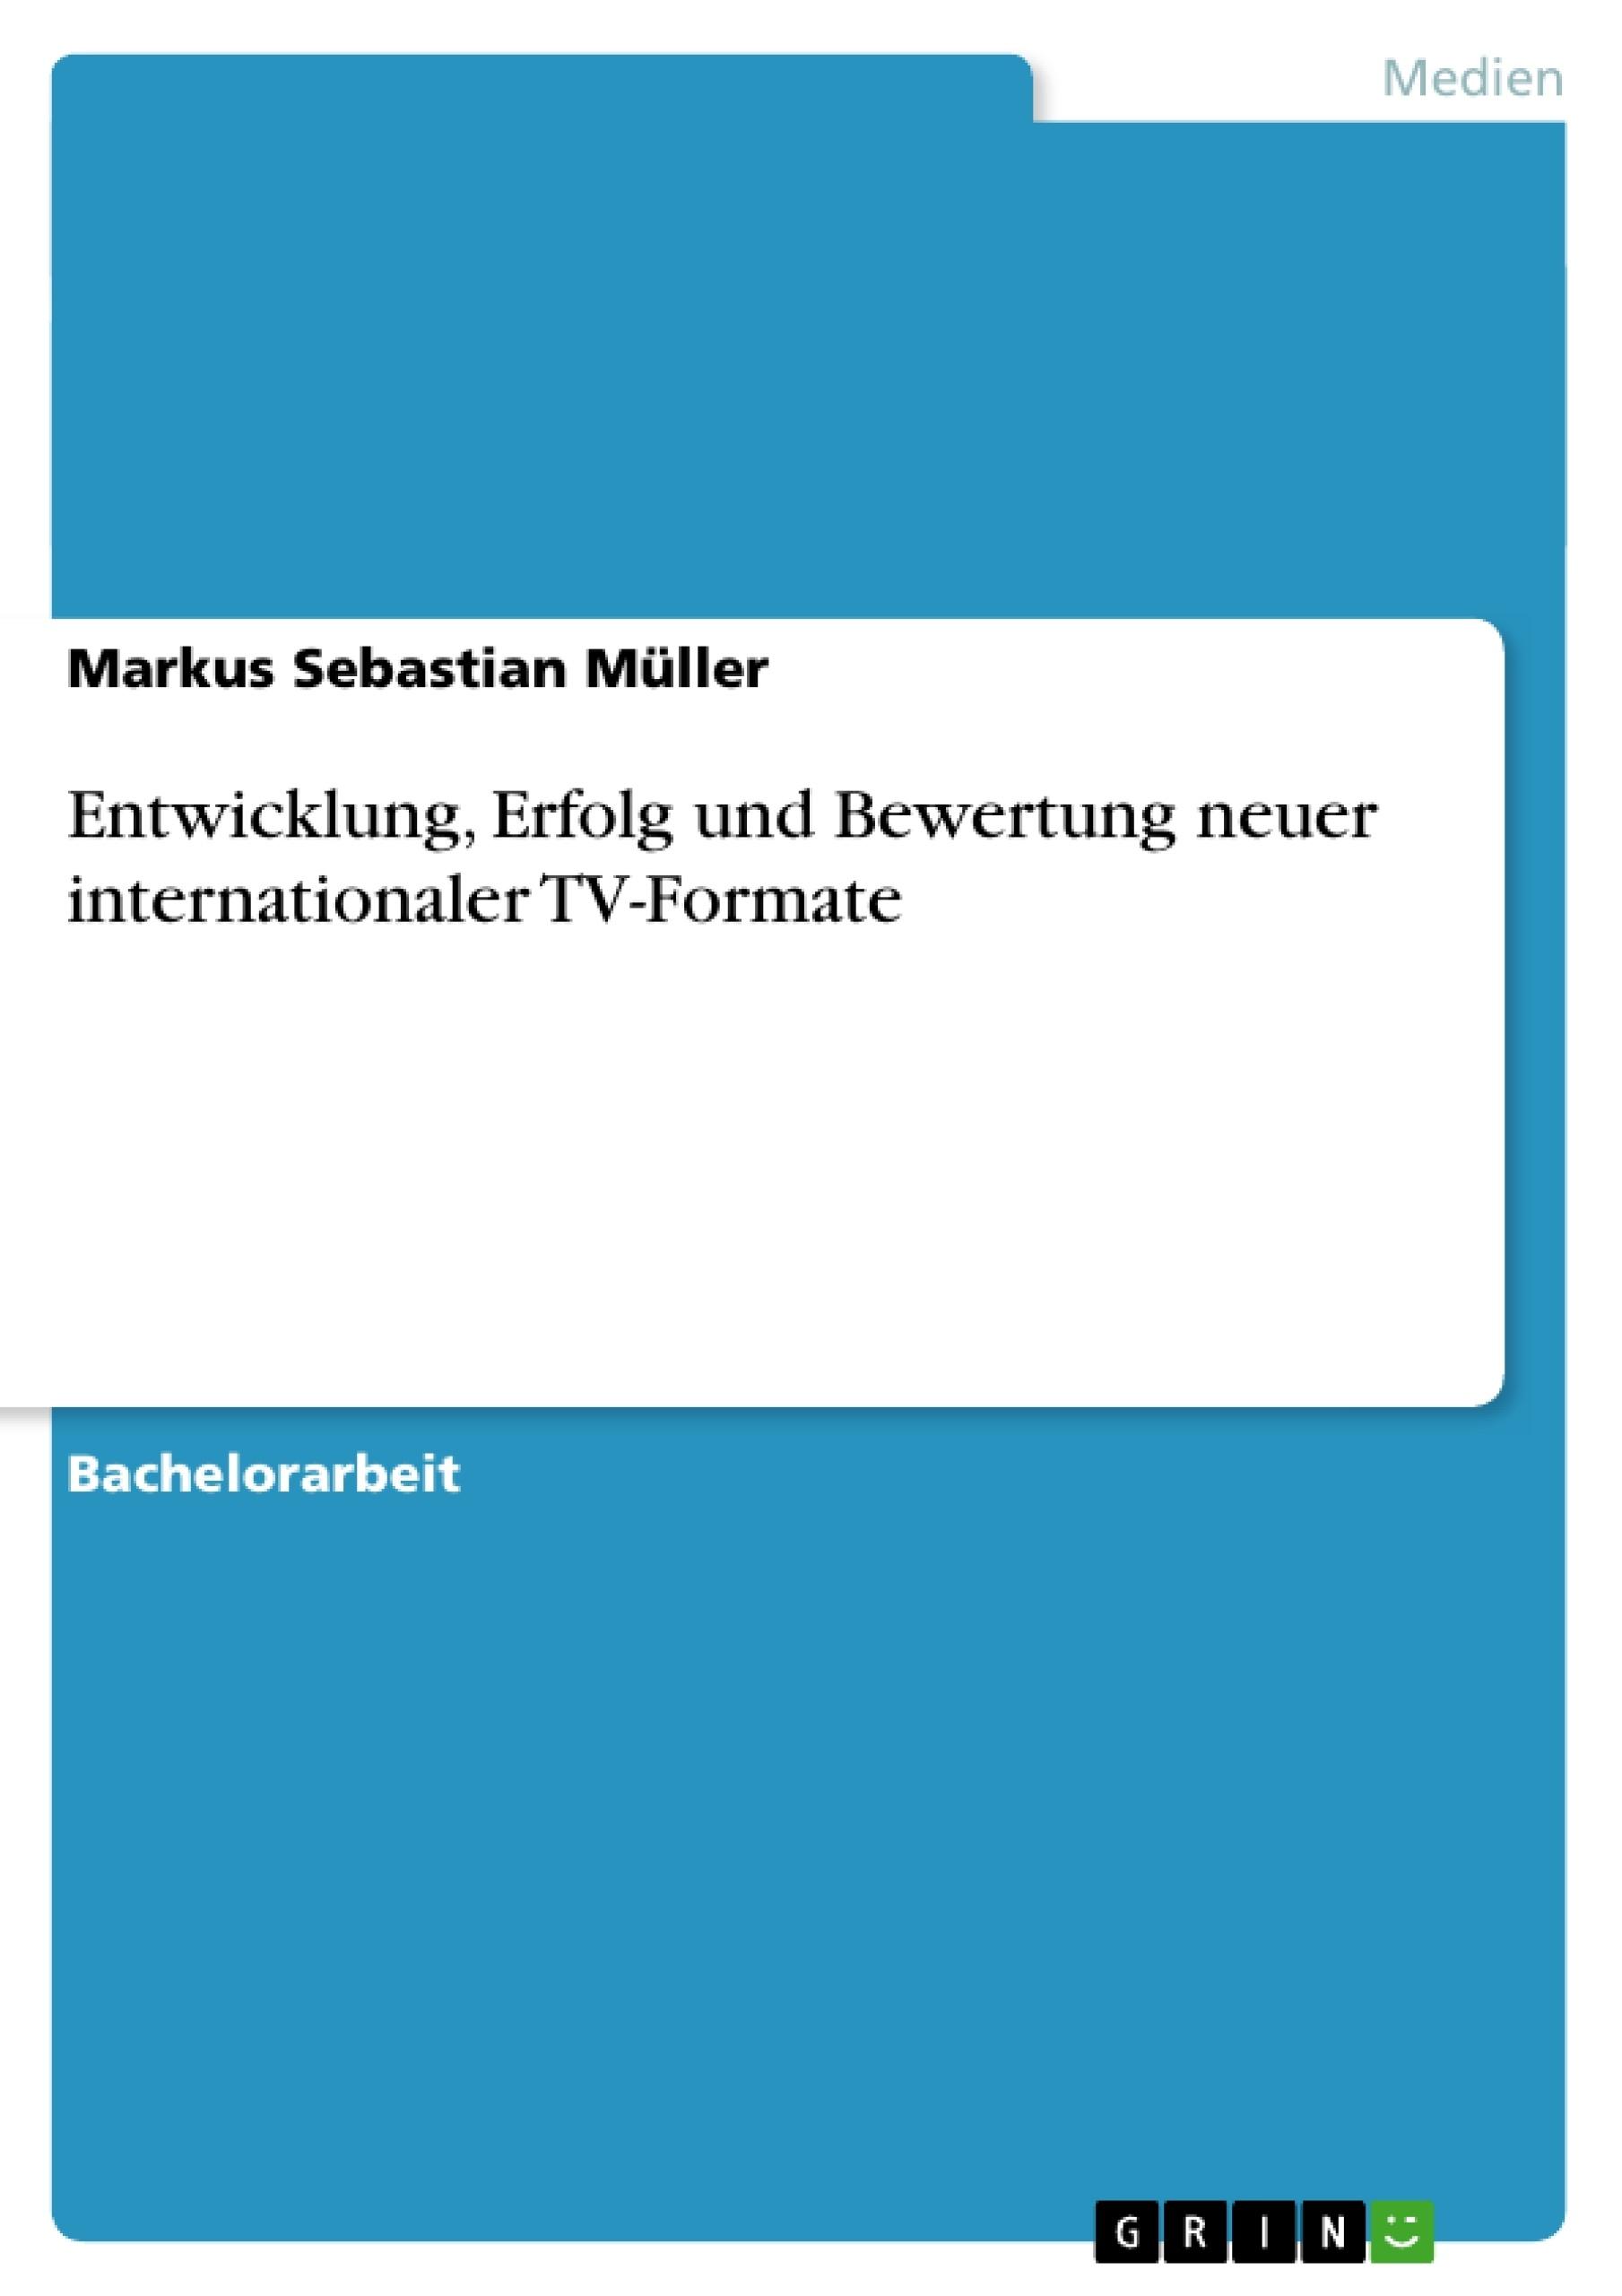 Titel: Entwicklung, Erfolg und Bewertung neuer internationaler TV-Formate